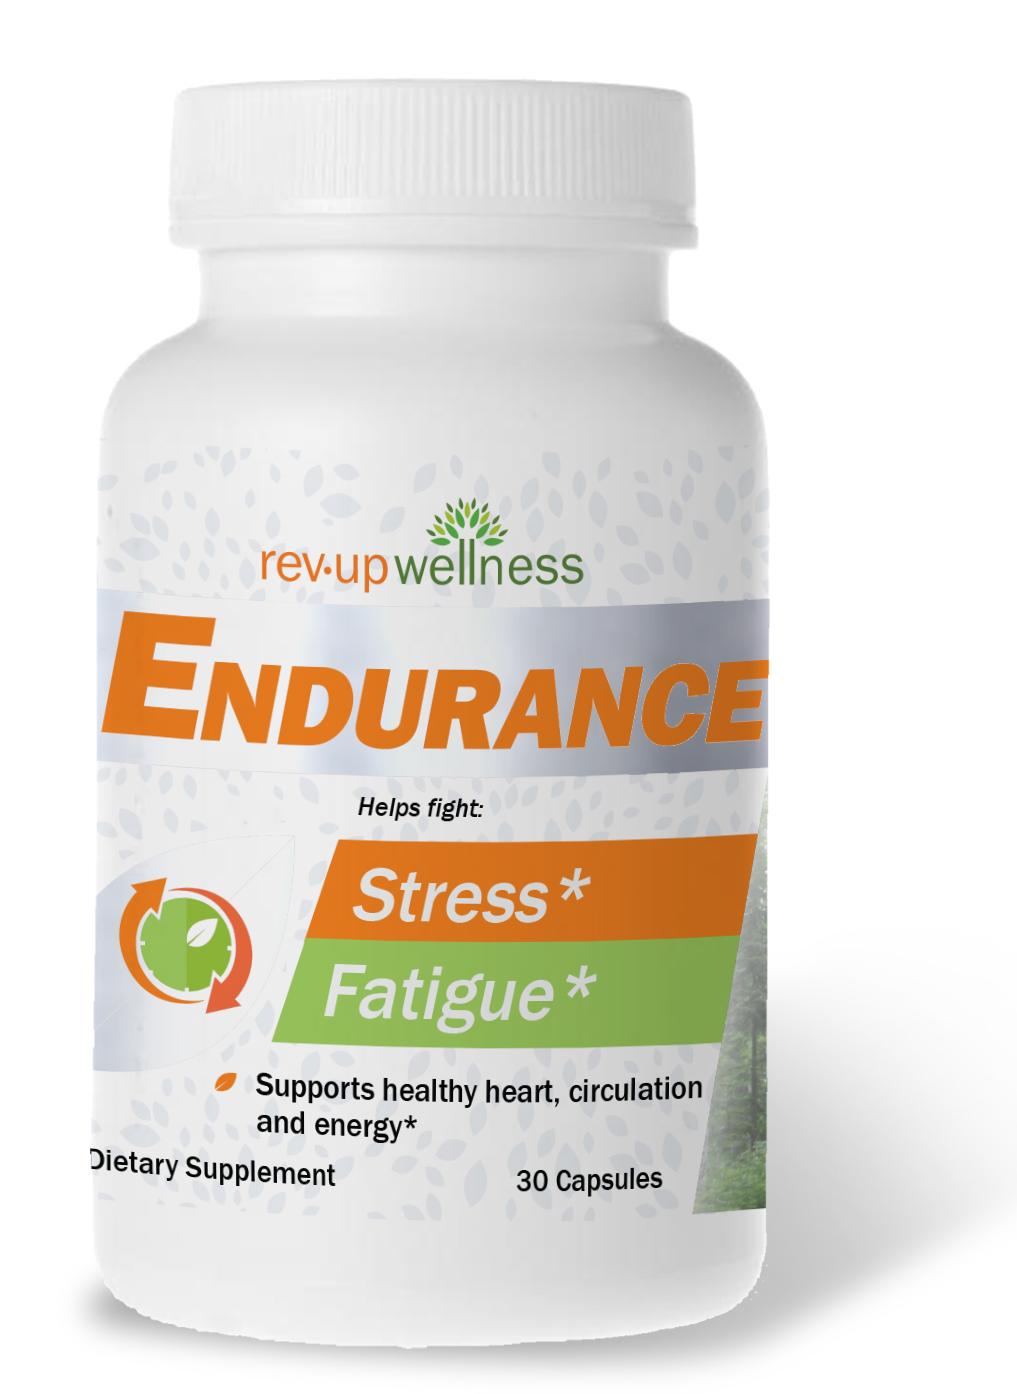 endurance-bottle-mock-up-front.png